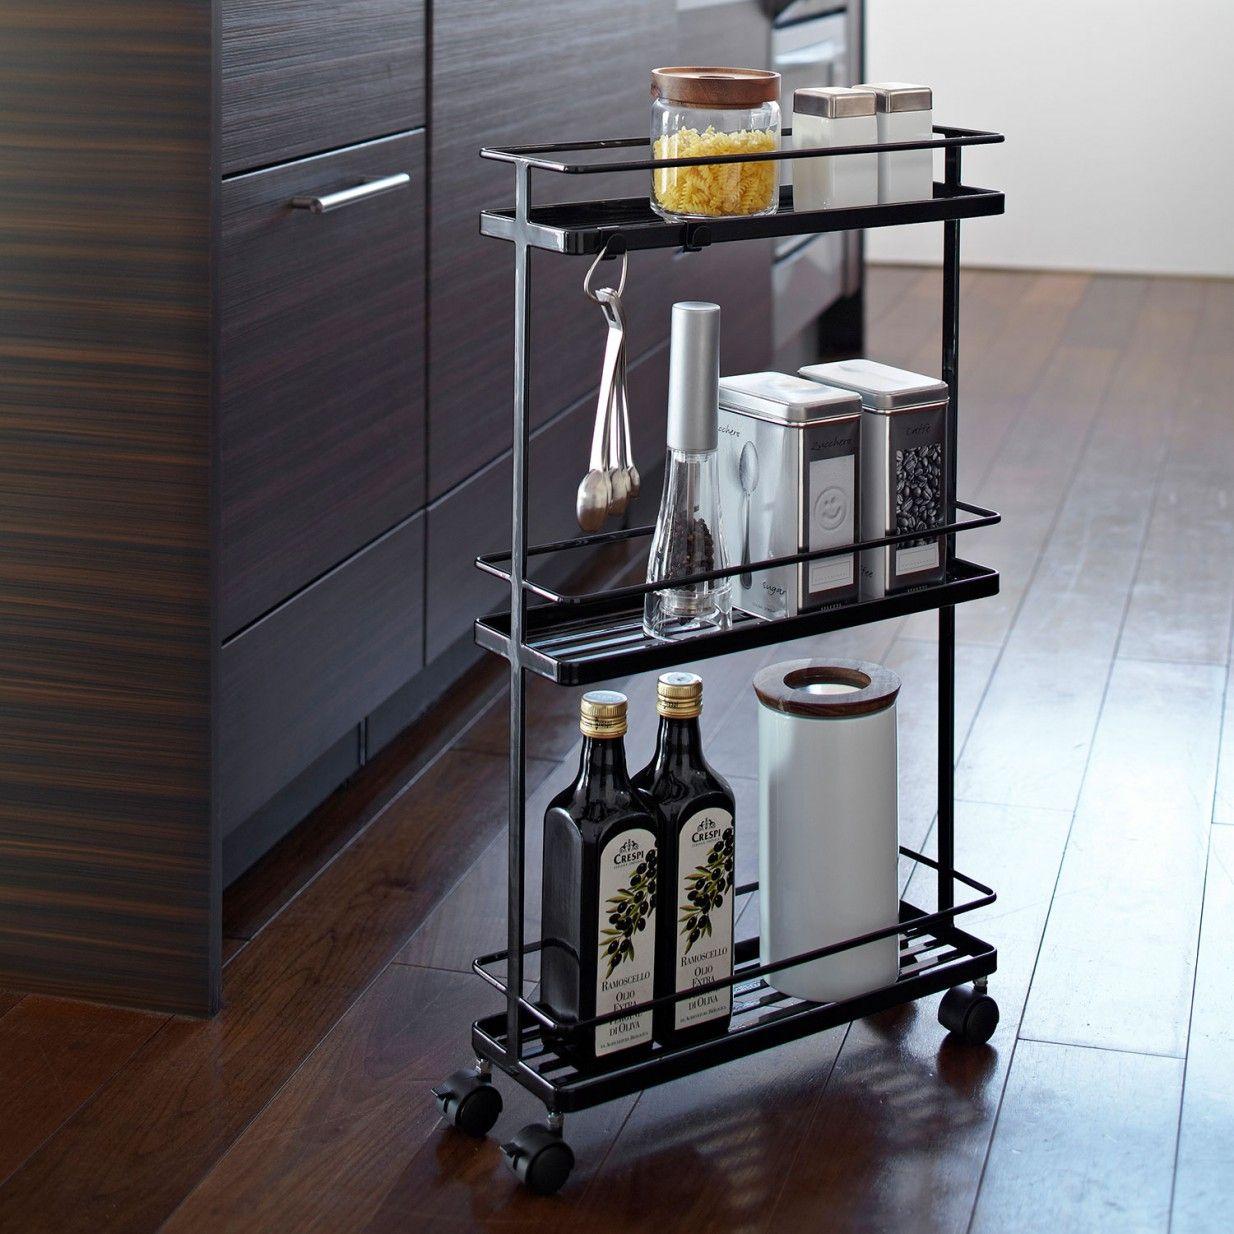 Moderne Küchenutensilien: Küche / Vorratskammer